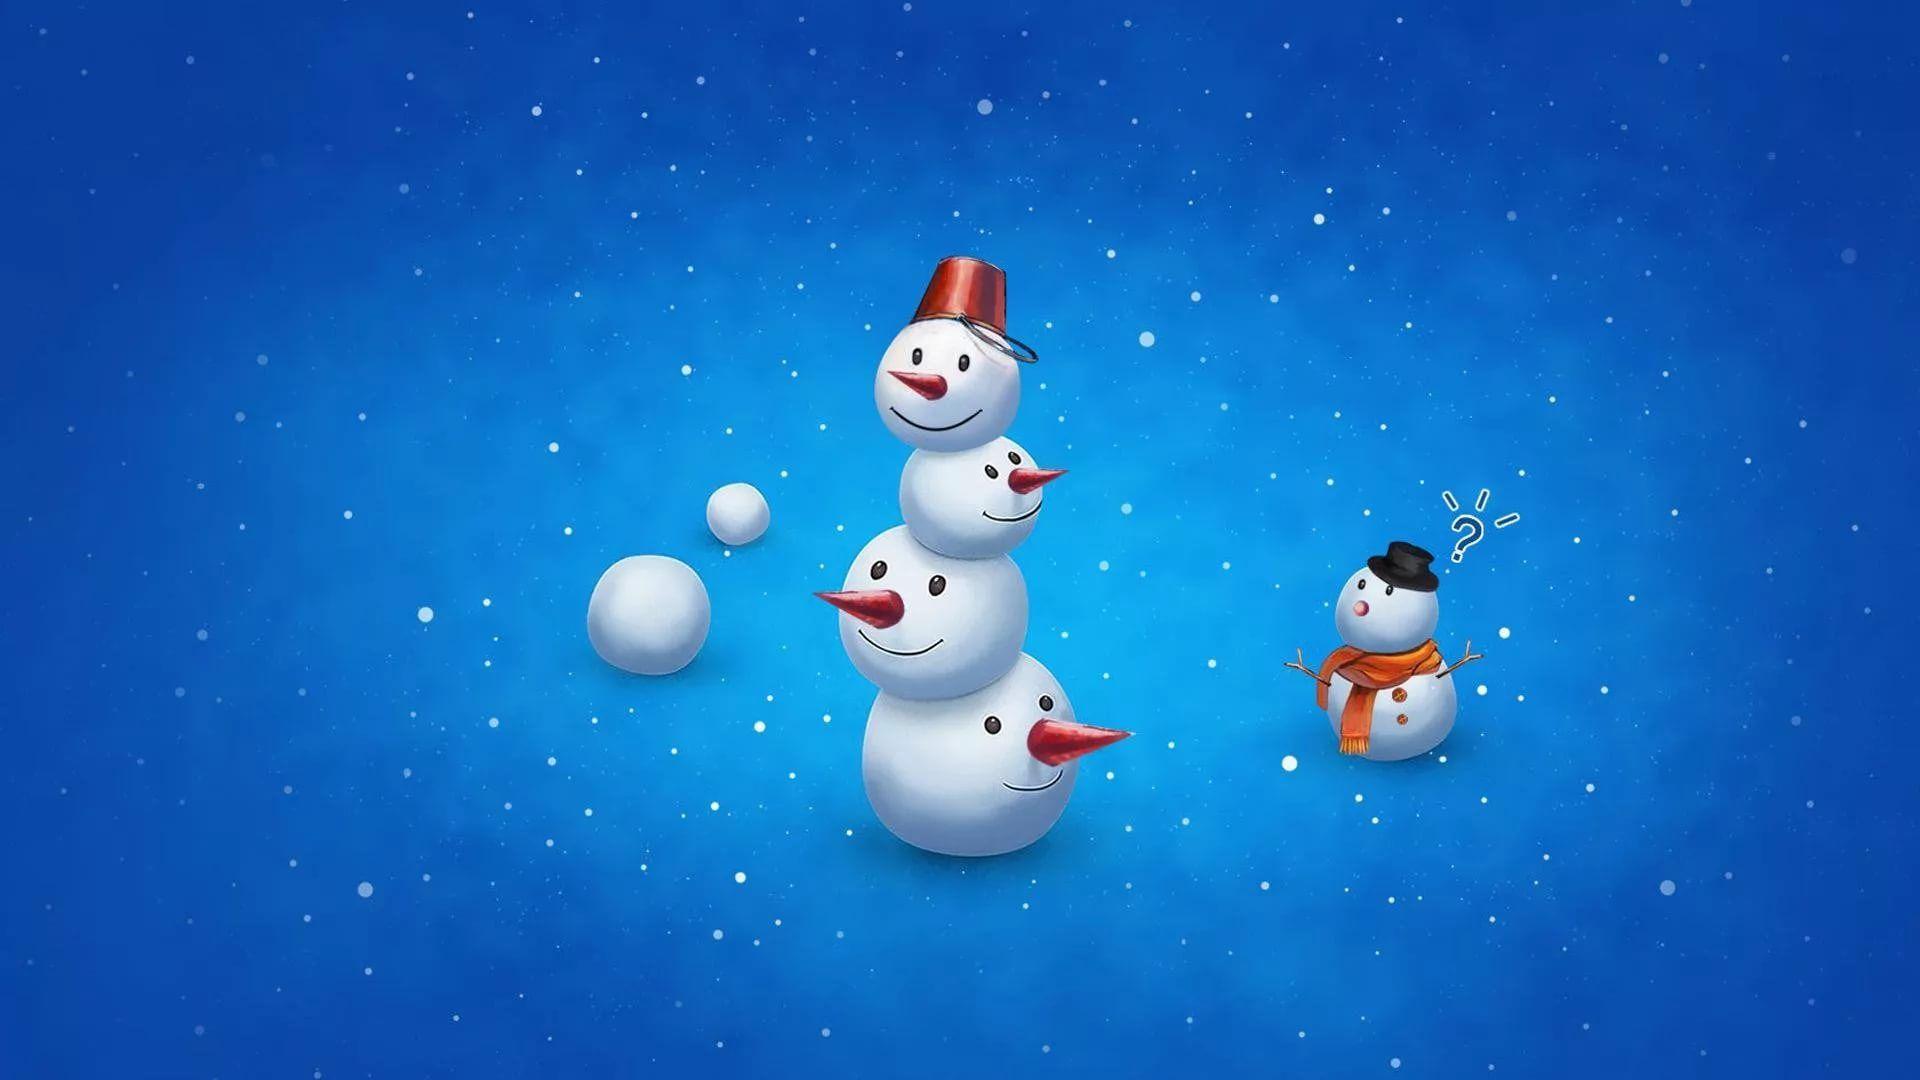 Cute Winter free hd wallpaper